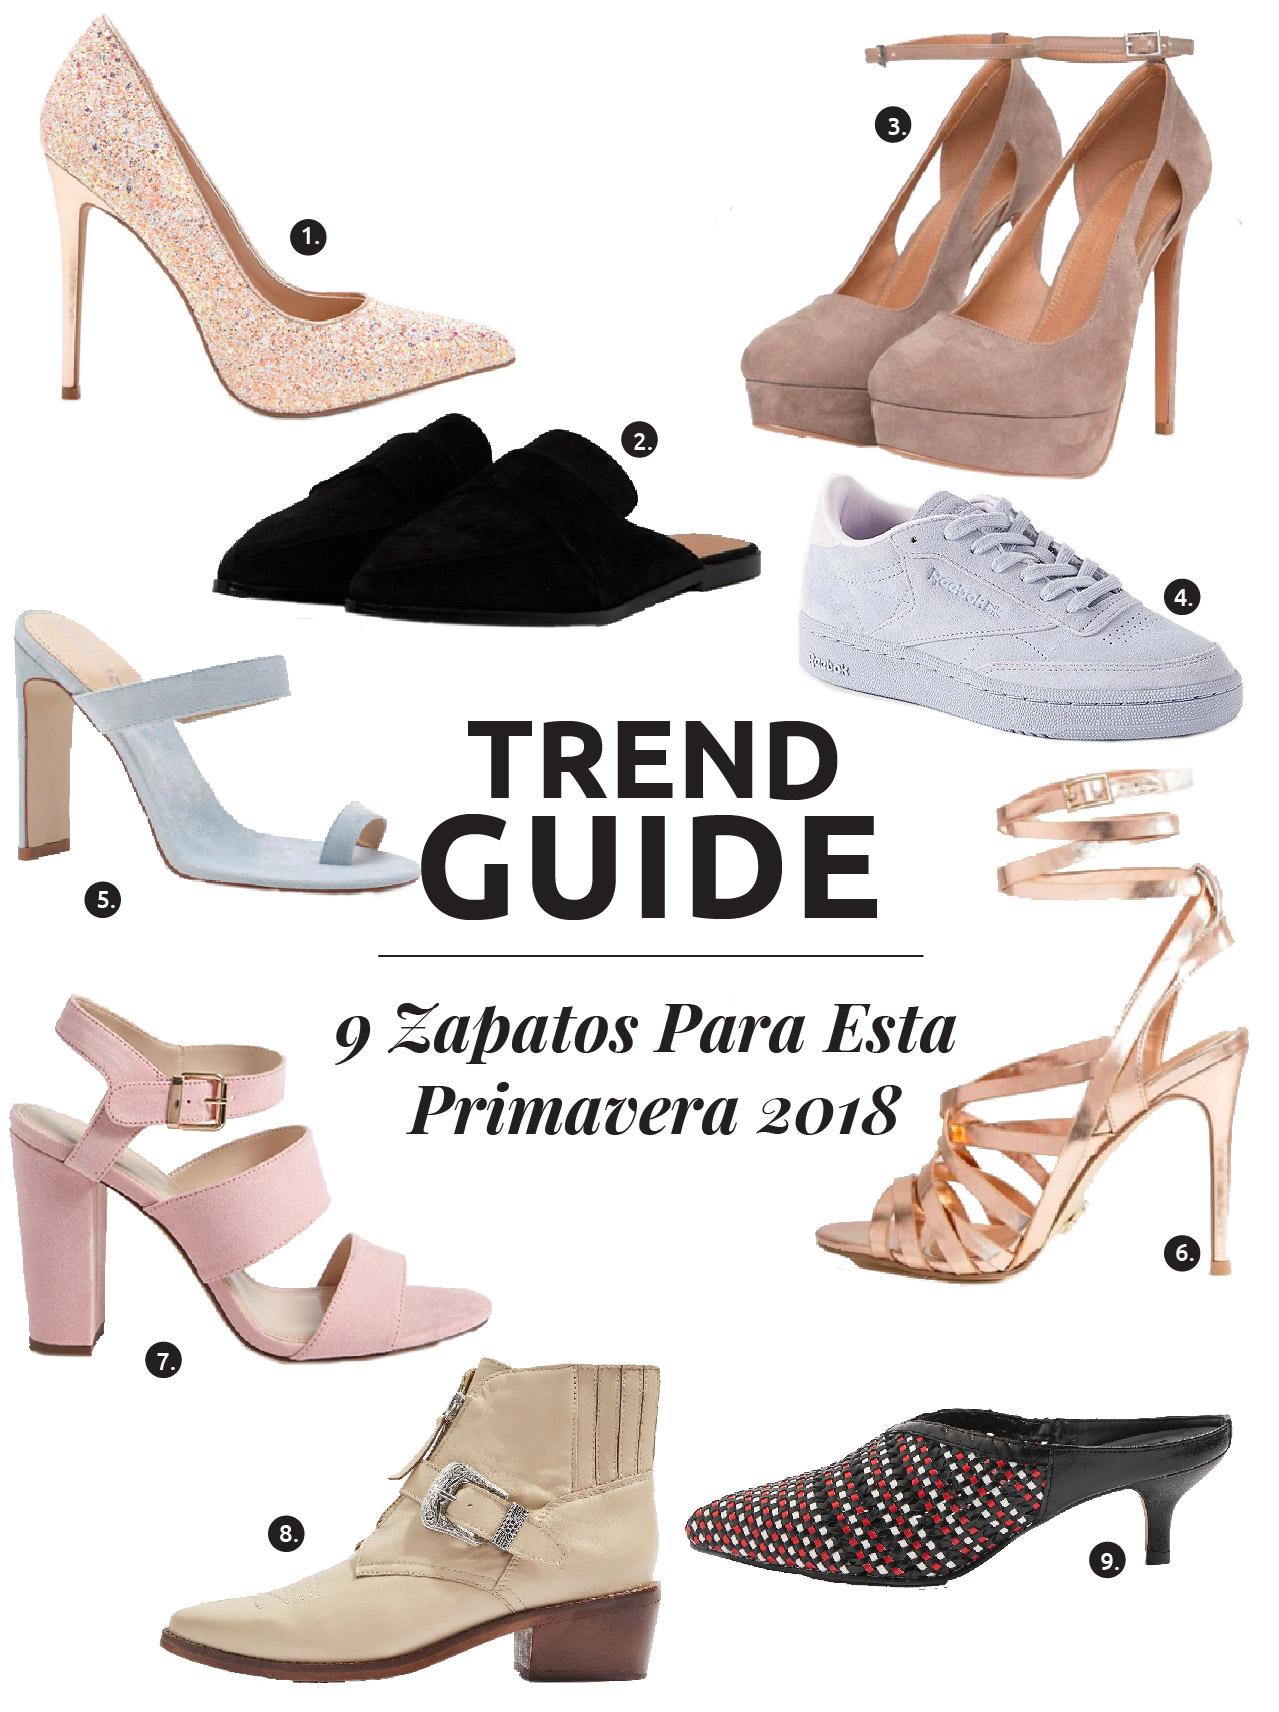 ESTA PRIMAVERA - hay algo para cada quien.Hoy hablo sobretendencias de zapatos que puedes lucir esta temporada.